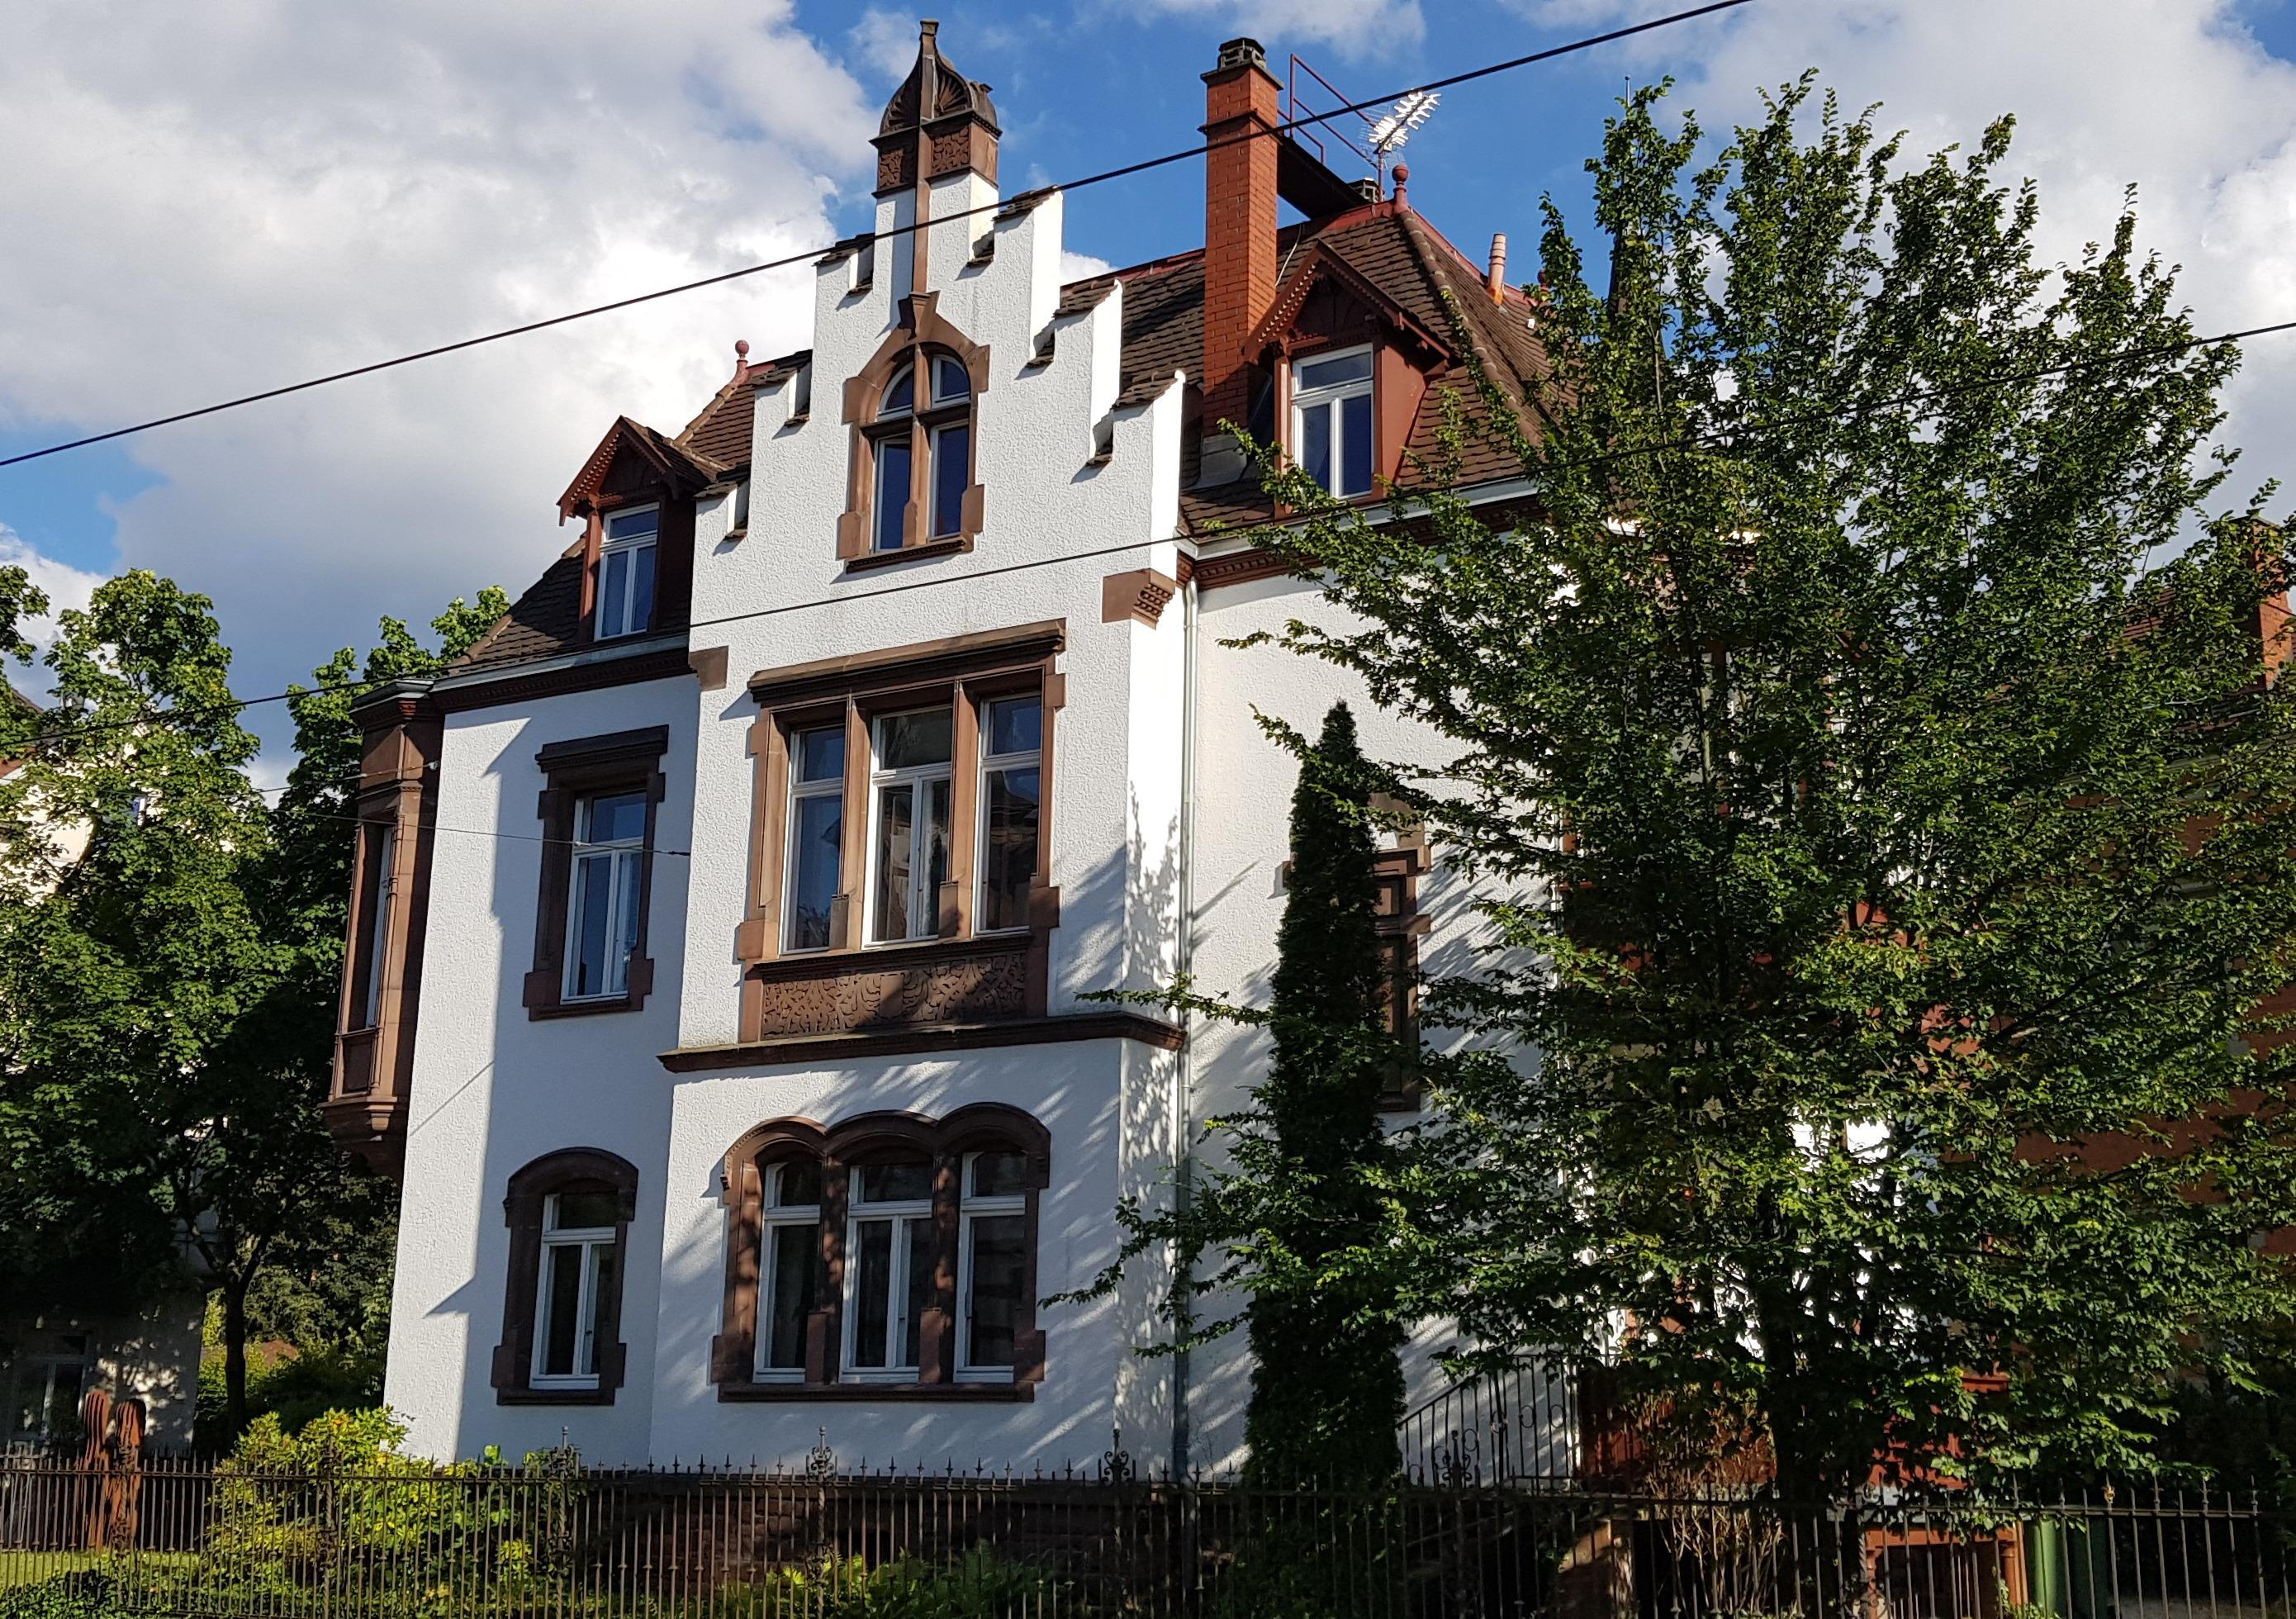 okversichert Versicherungsmakler in Freiburg